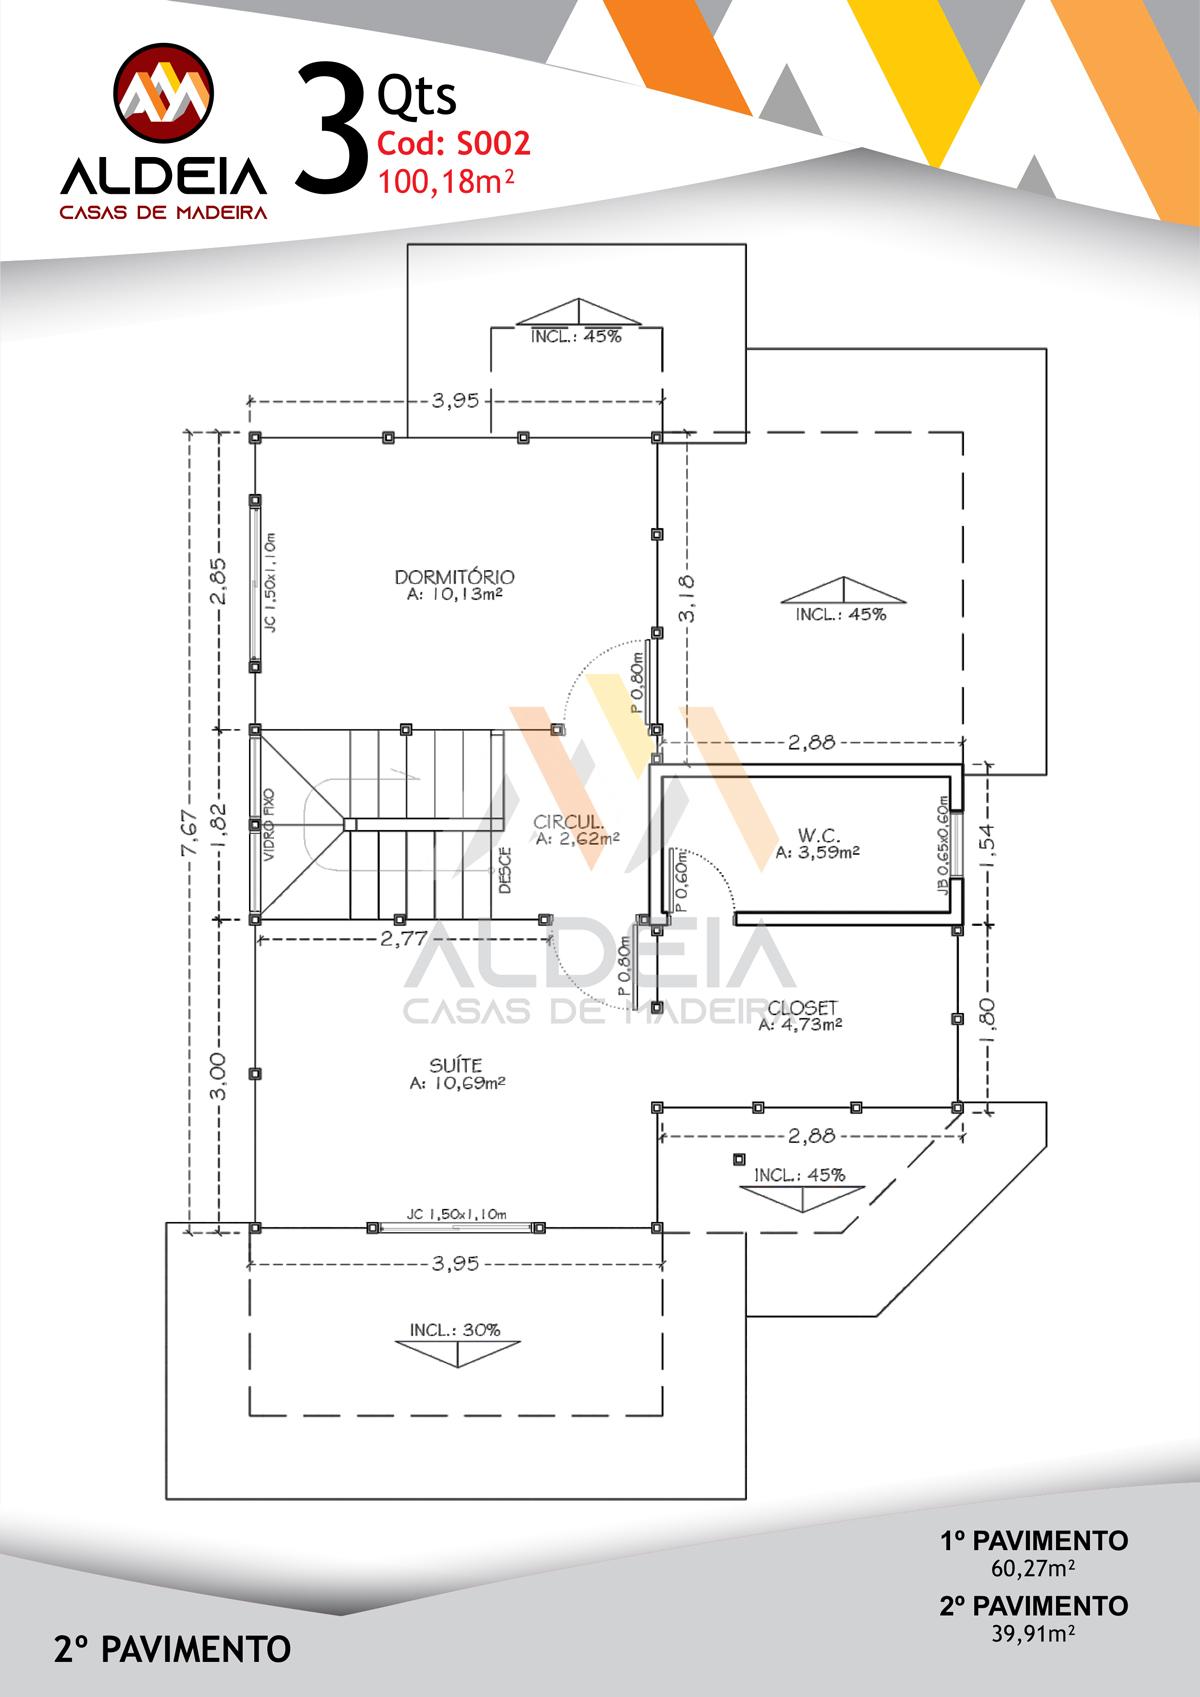 aldeia-casas-madeira-arquitetura-S002-2